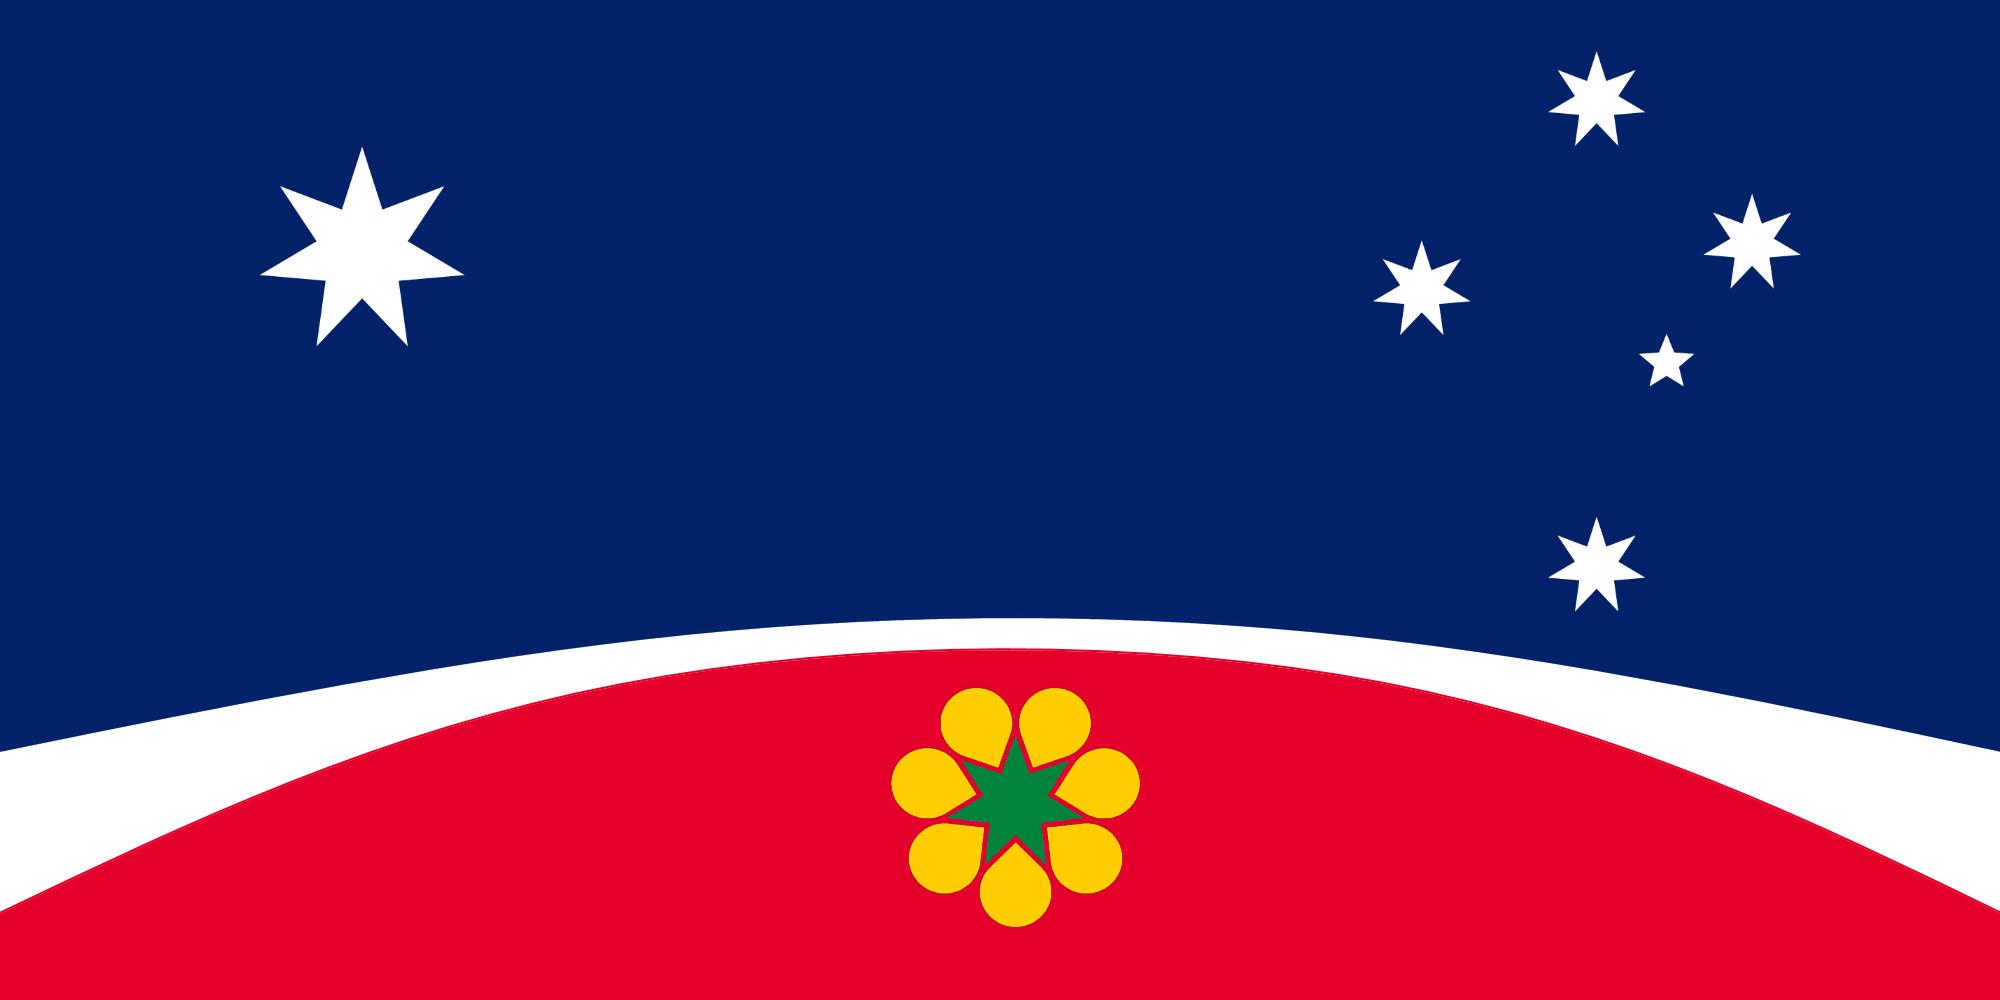 proposed Australia flag based off ausflag 1993 design.png